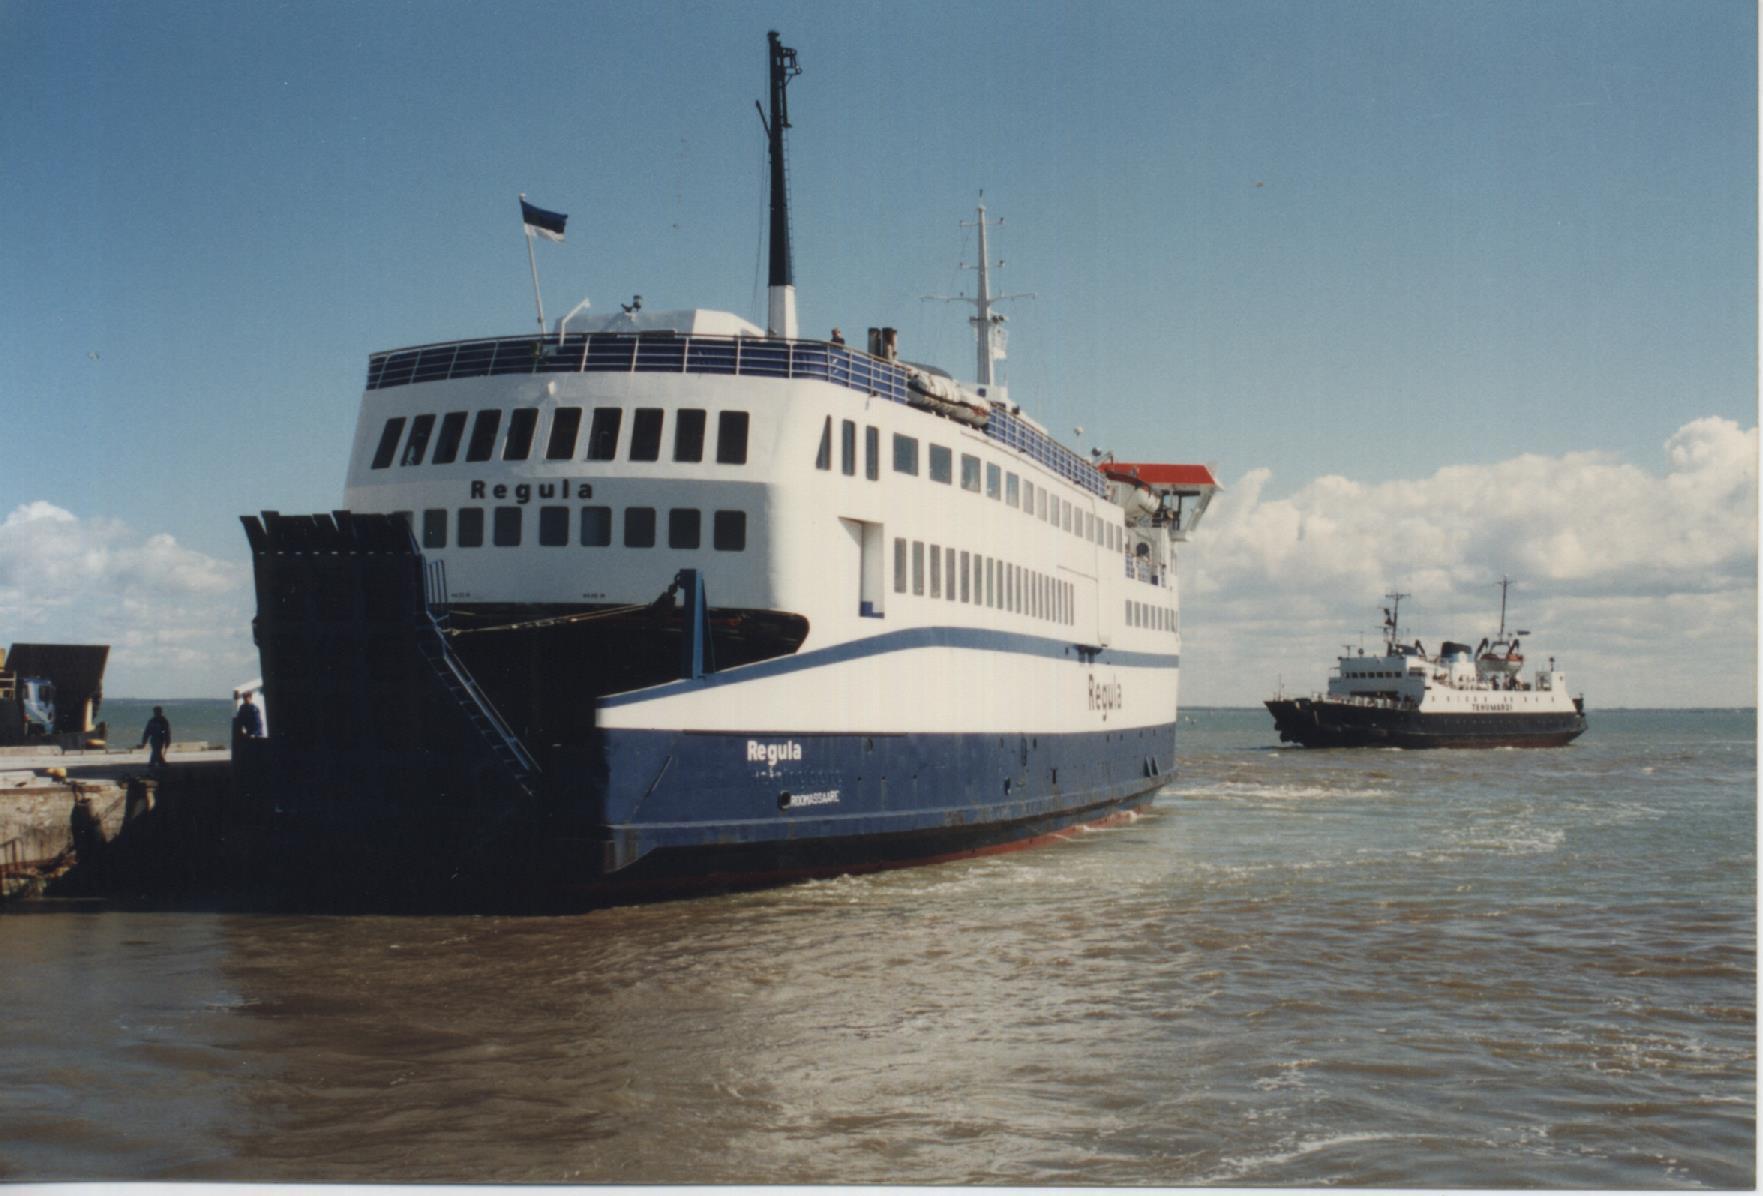 TS Laevad sõlmis Saaremaa Laevakompaniiga lepingu 1971. aastal ehitatud ja 1997. aastal esimese suure parvlaevana Kuivastu-Virtsu liinile toodud Regula ostuks. See tähendab, et Regula jätkab tööd ka 1. oktoobrist. Sügisel […]